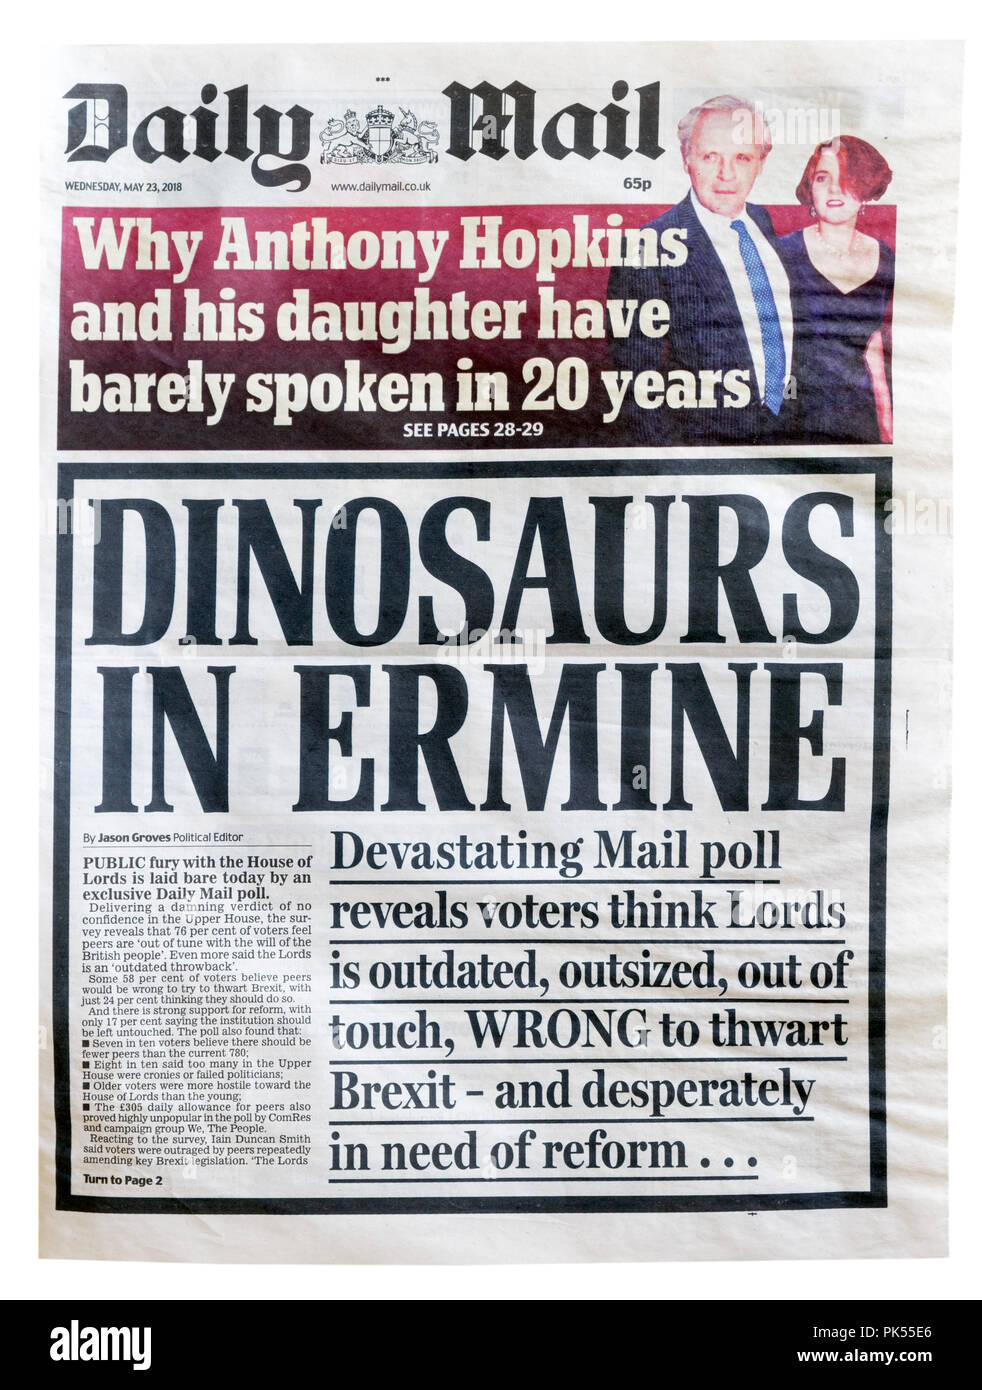 Portada del Daily Mail con el título los dinosaurios en el armiño, acerca de la reforma o abolición de la Cámara de los Lores Imagen De Stock